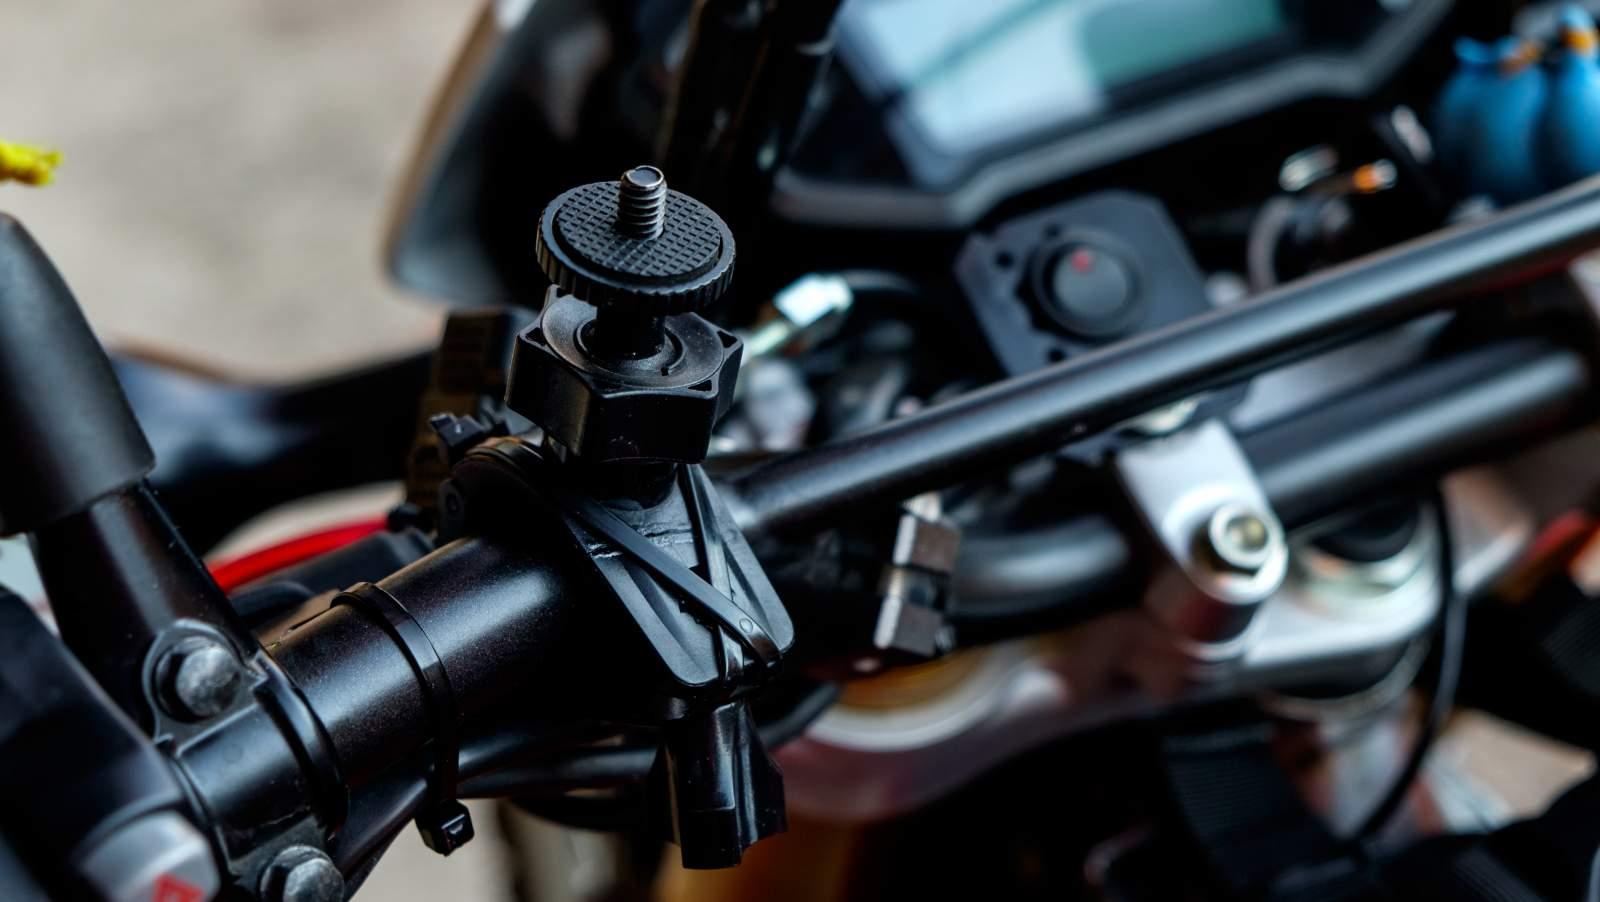 Come equipaggiare la moto per viaggiare